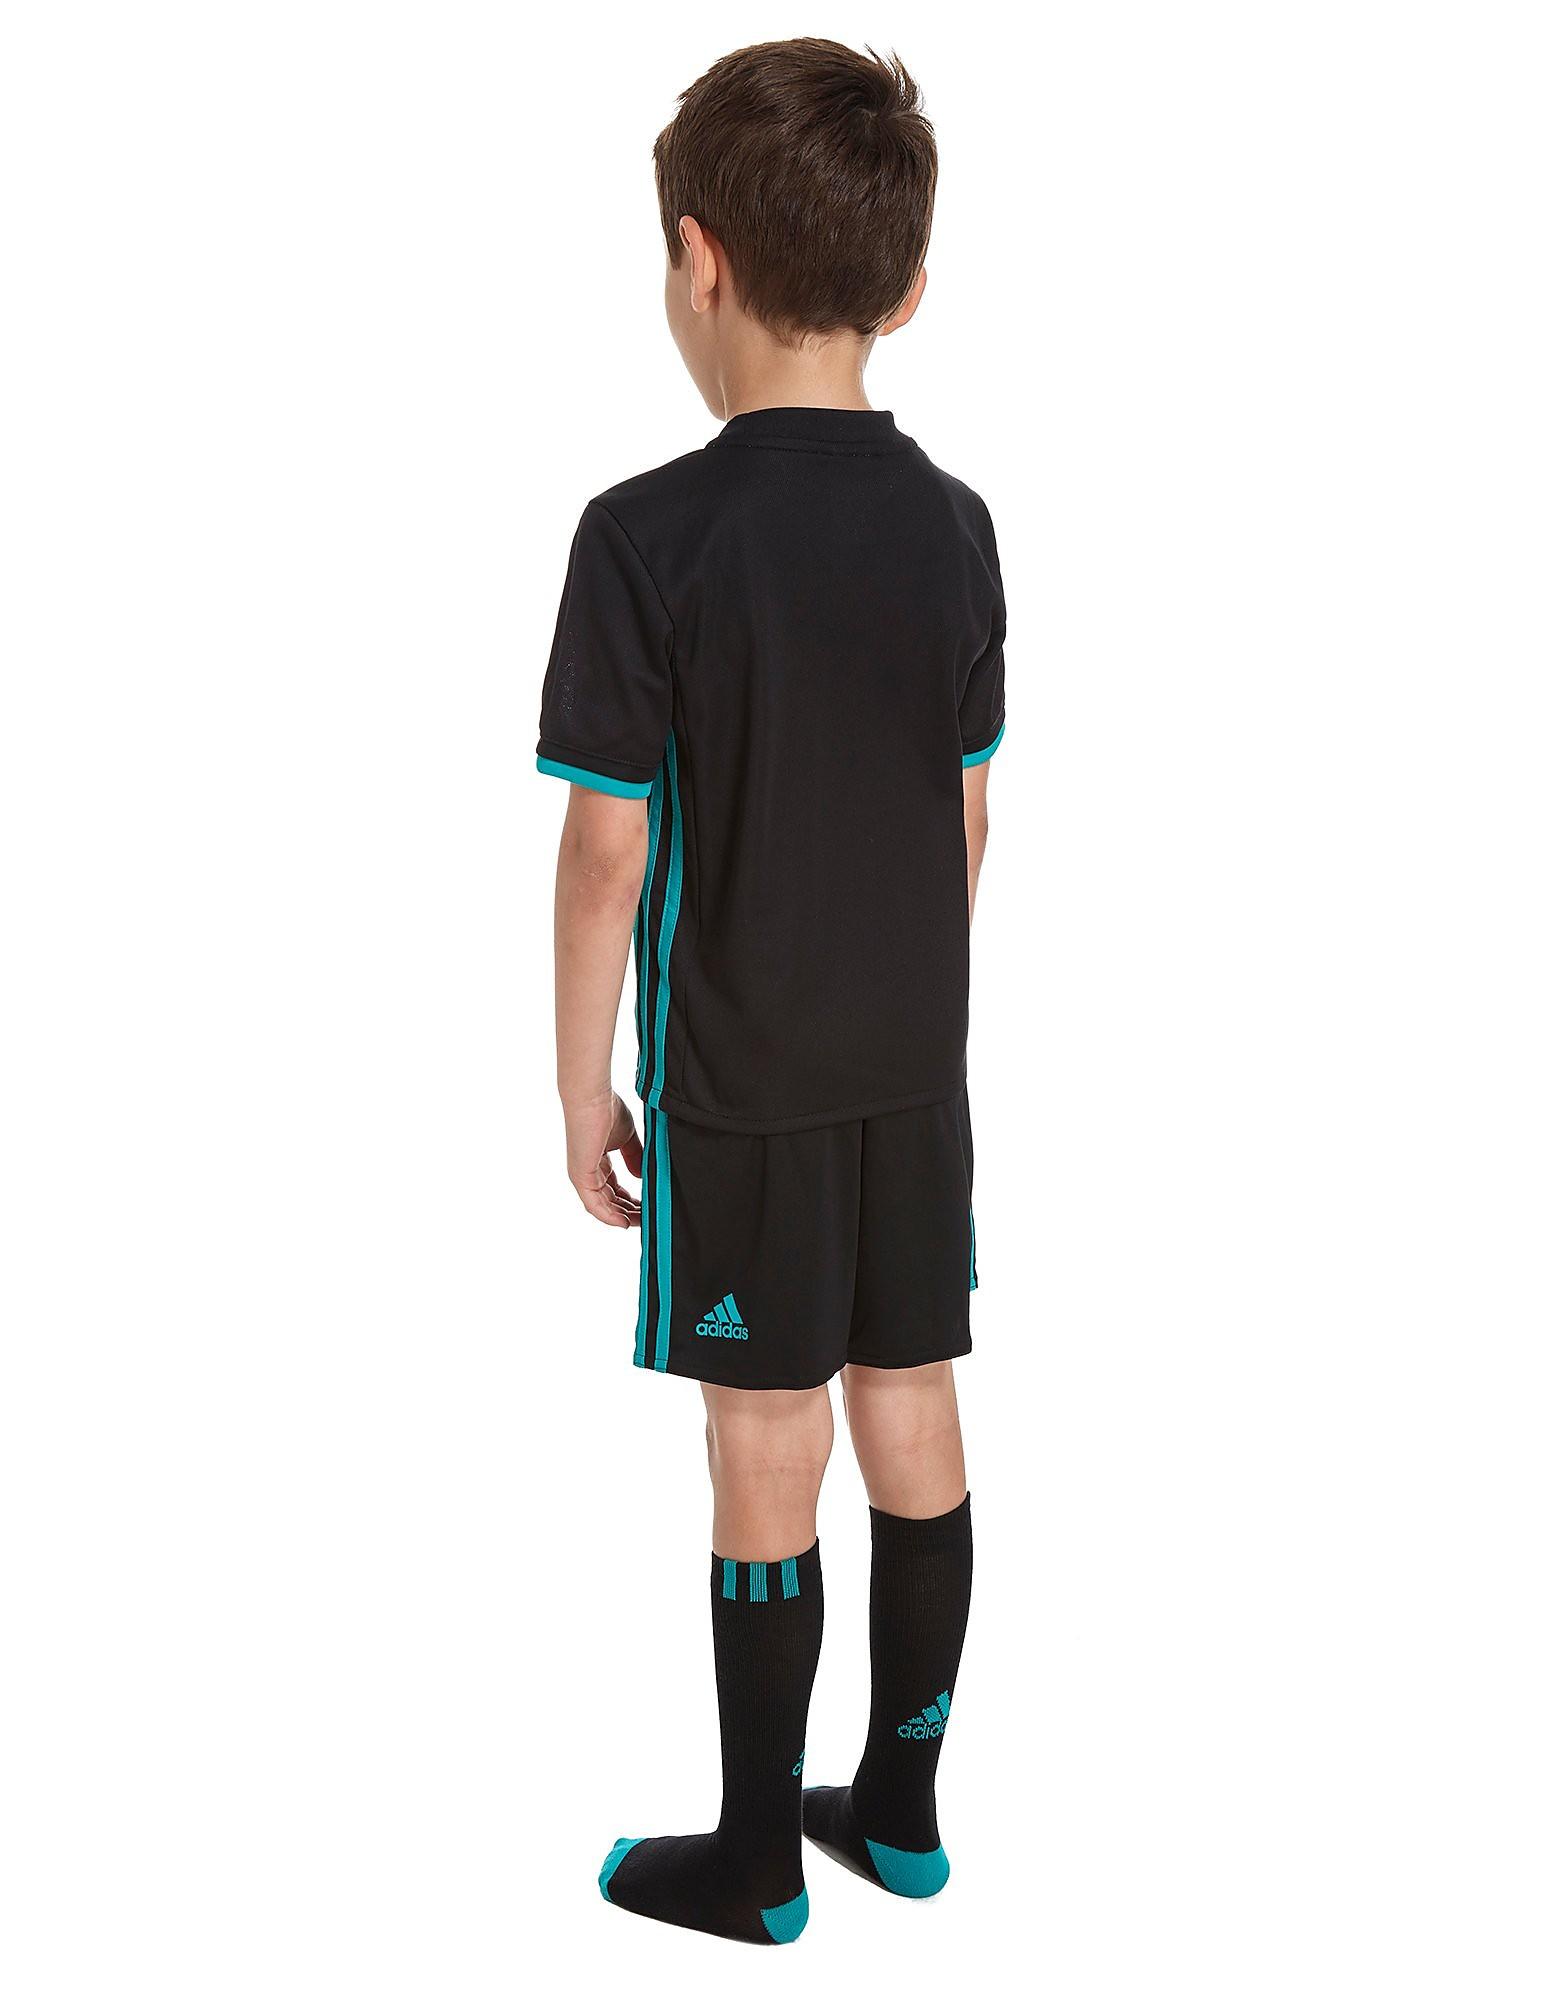 adidas Real Madrid 2017/18 Away Kit Children